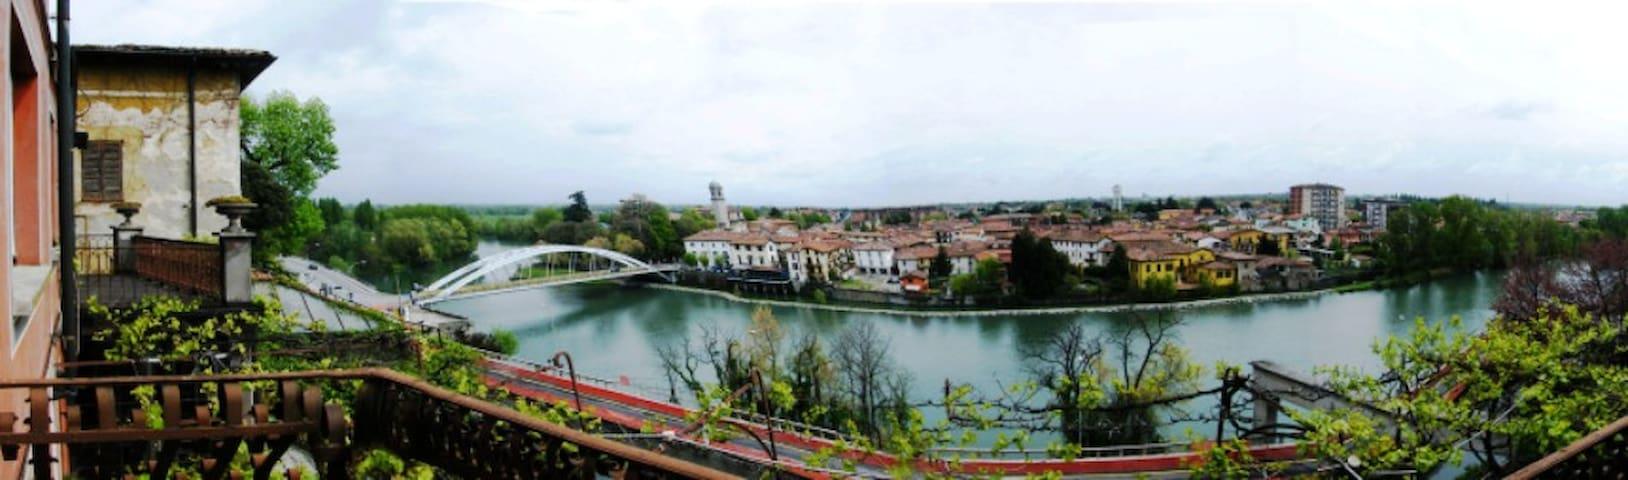 """B&B """"la finestra sul fiume"""" - Vaprio D'adda - Bed & Breakfast"""